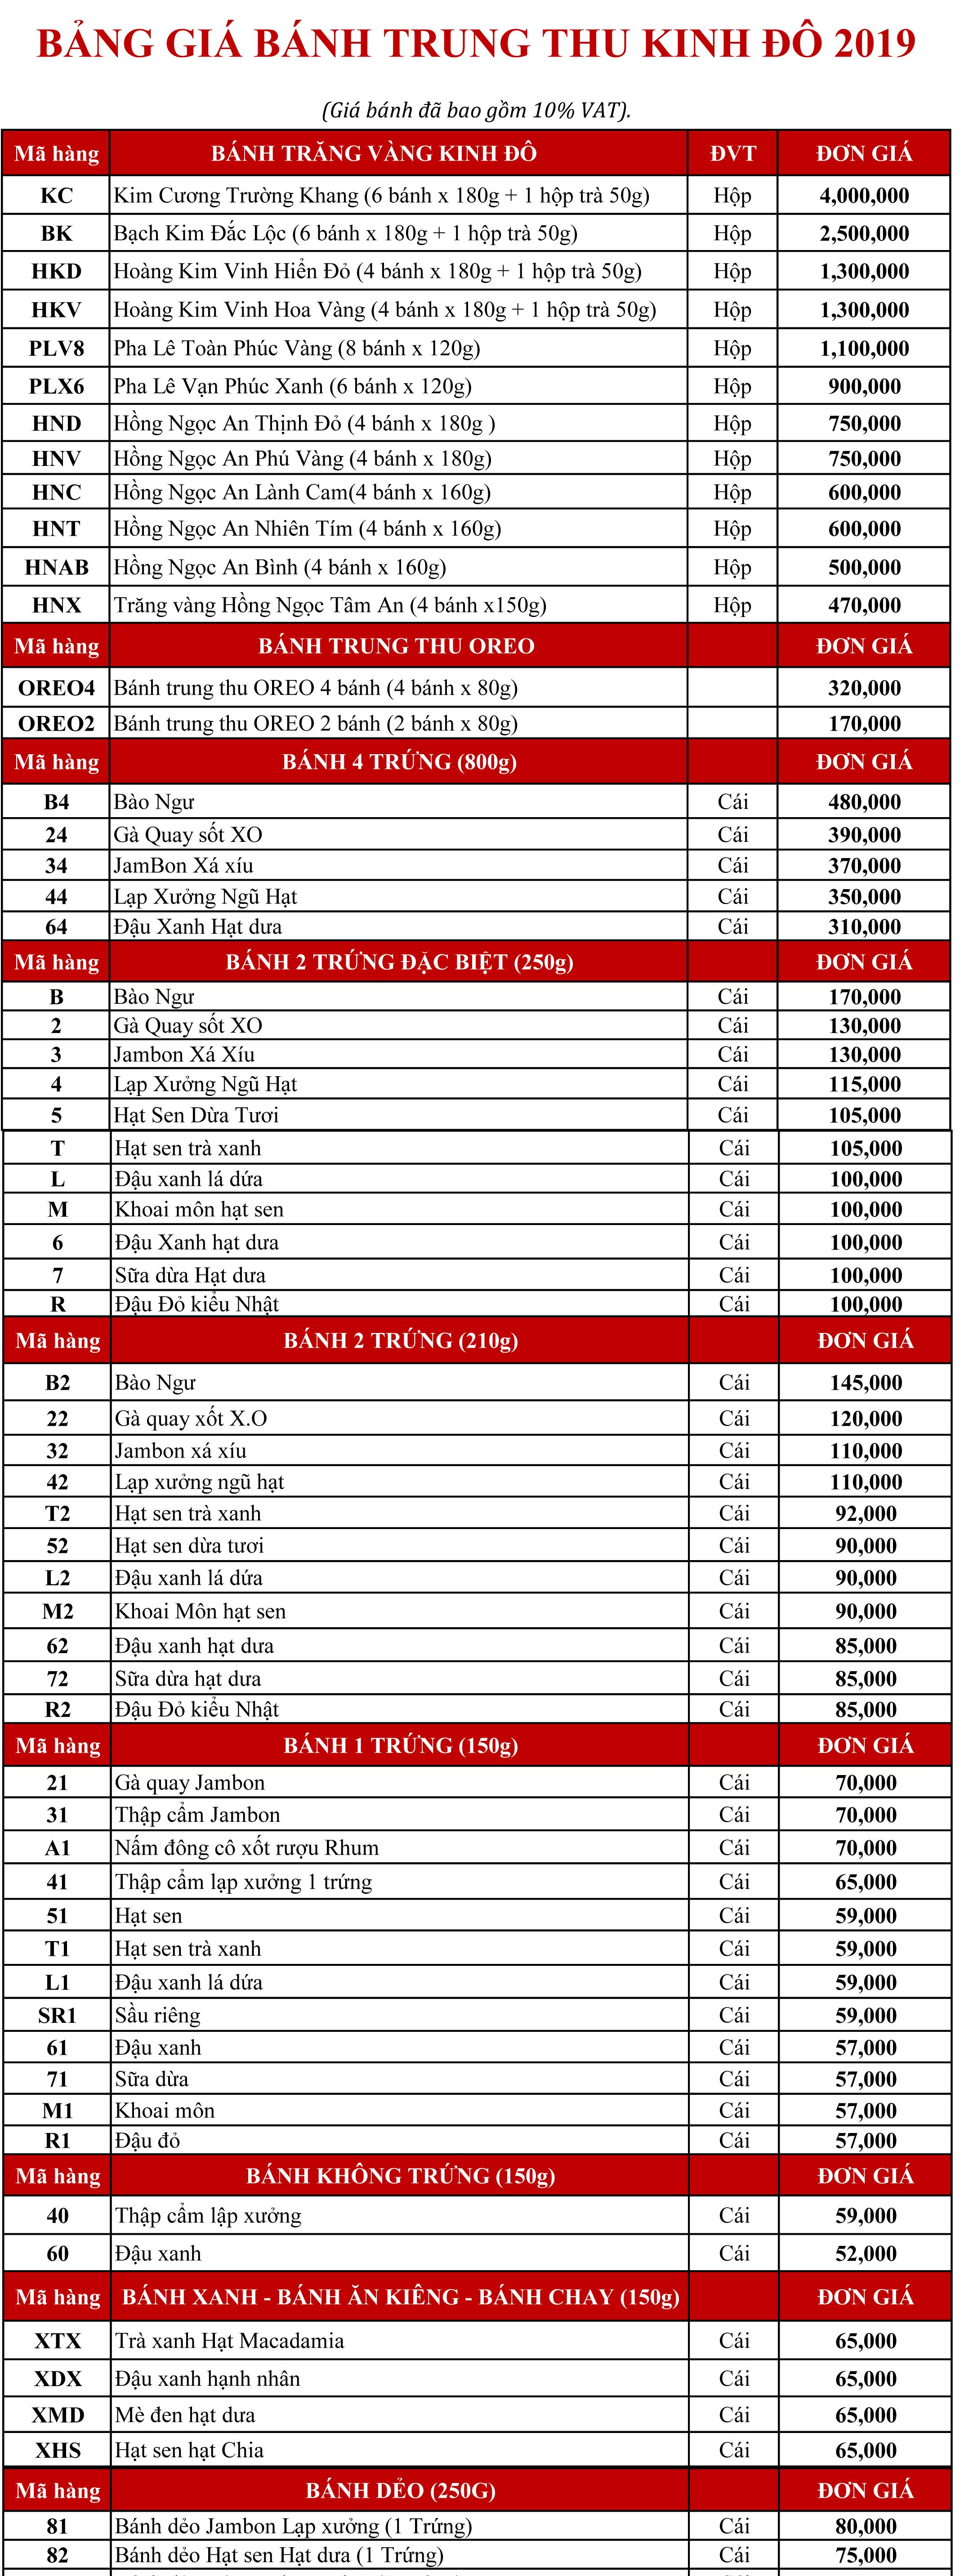 bảng giá bánh trung thu kinh đô 2019